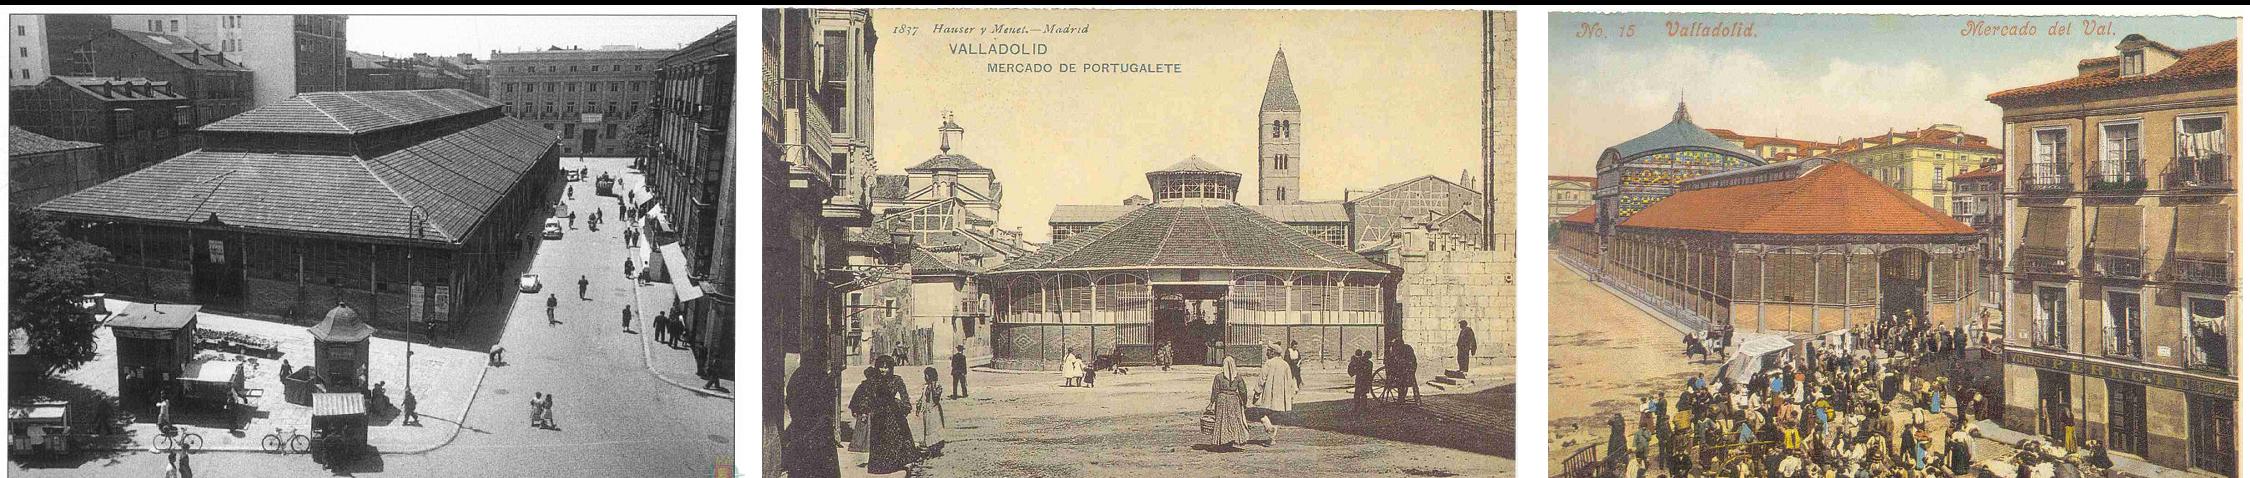 De izquierda a derecha: Mercado del Campillo en los años 60, Mercado del Portugalete a finales del siglo XIX y Mercado del Val a principios del siglo XX, con la cúpula hoy desaparecida.